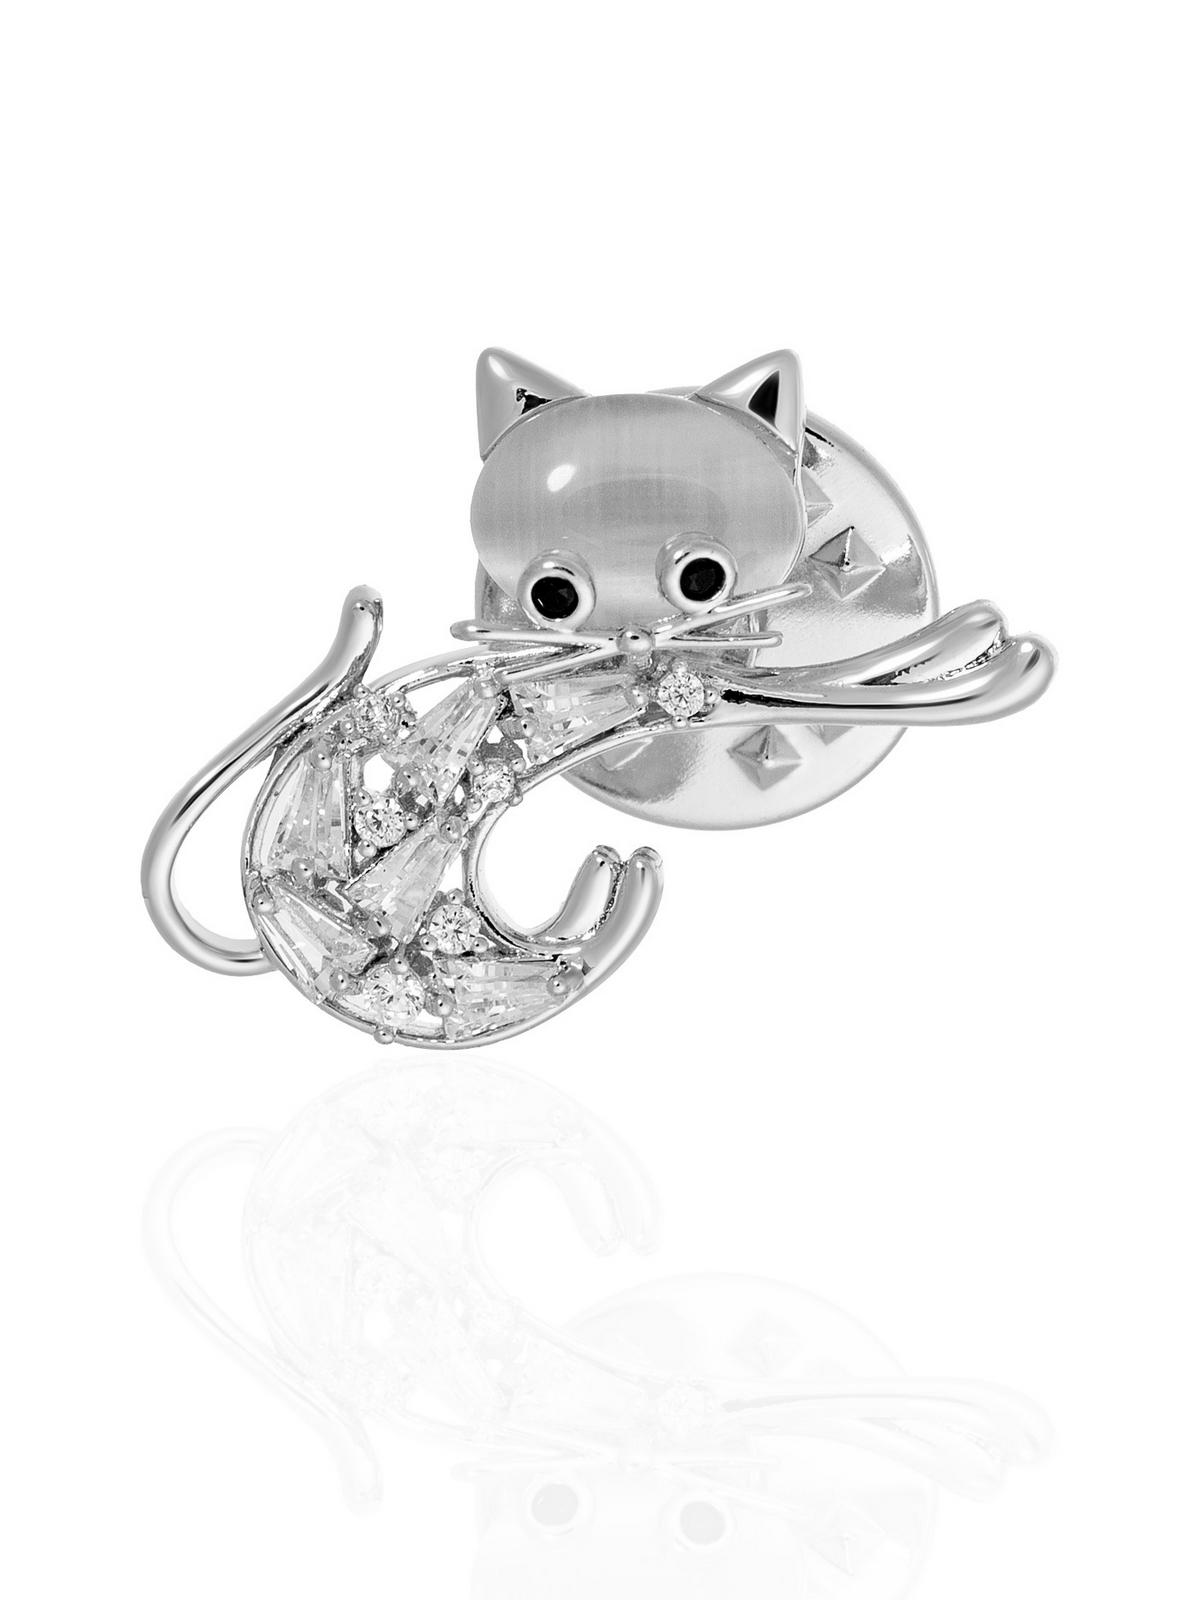 Мини-брошь-значок Кошка с фианитами